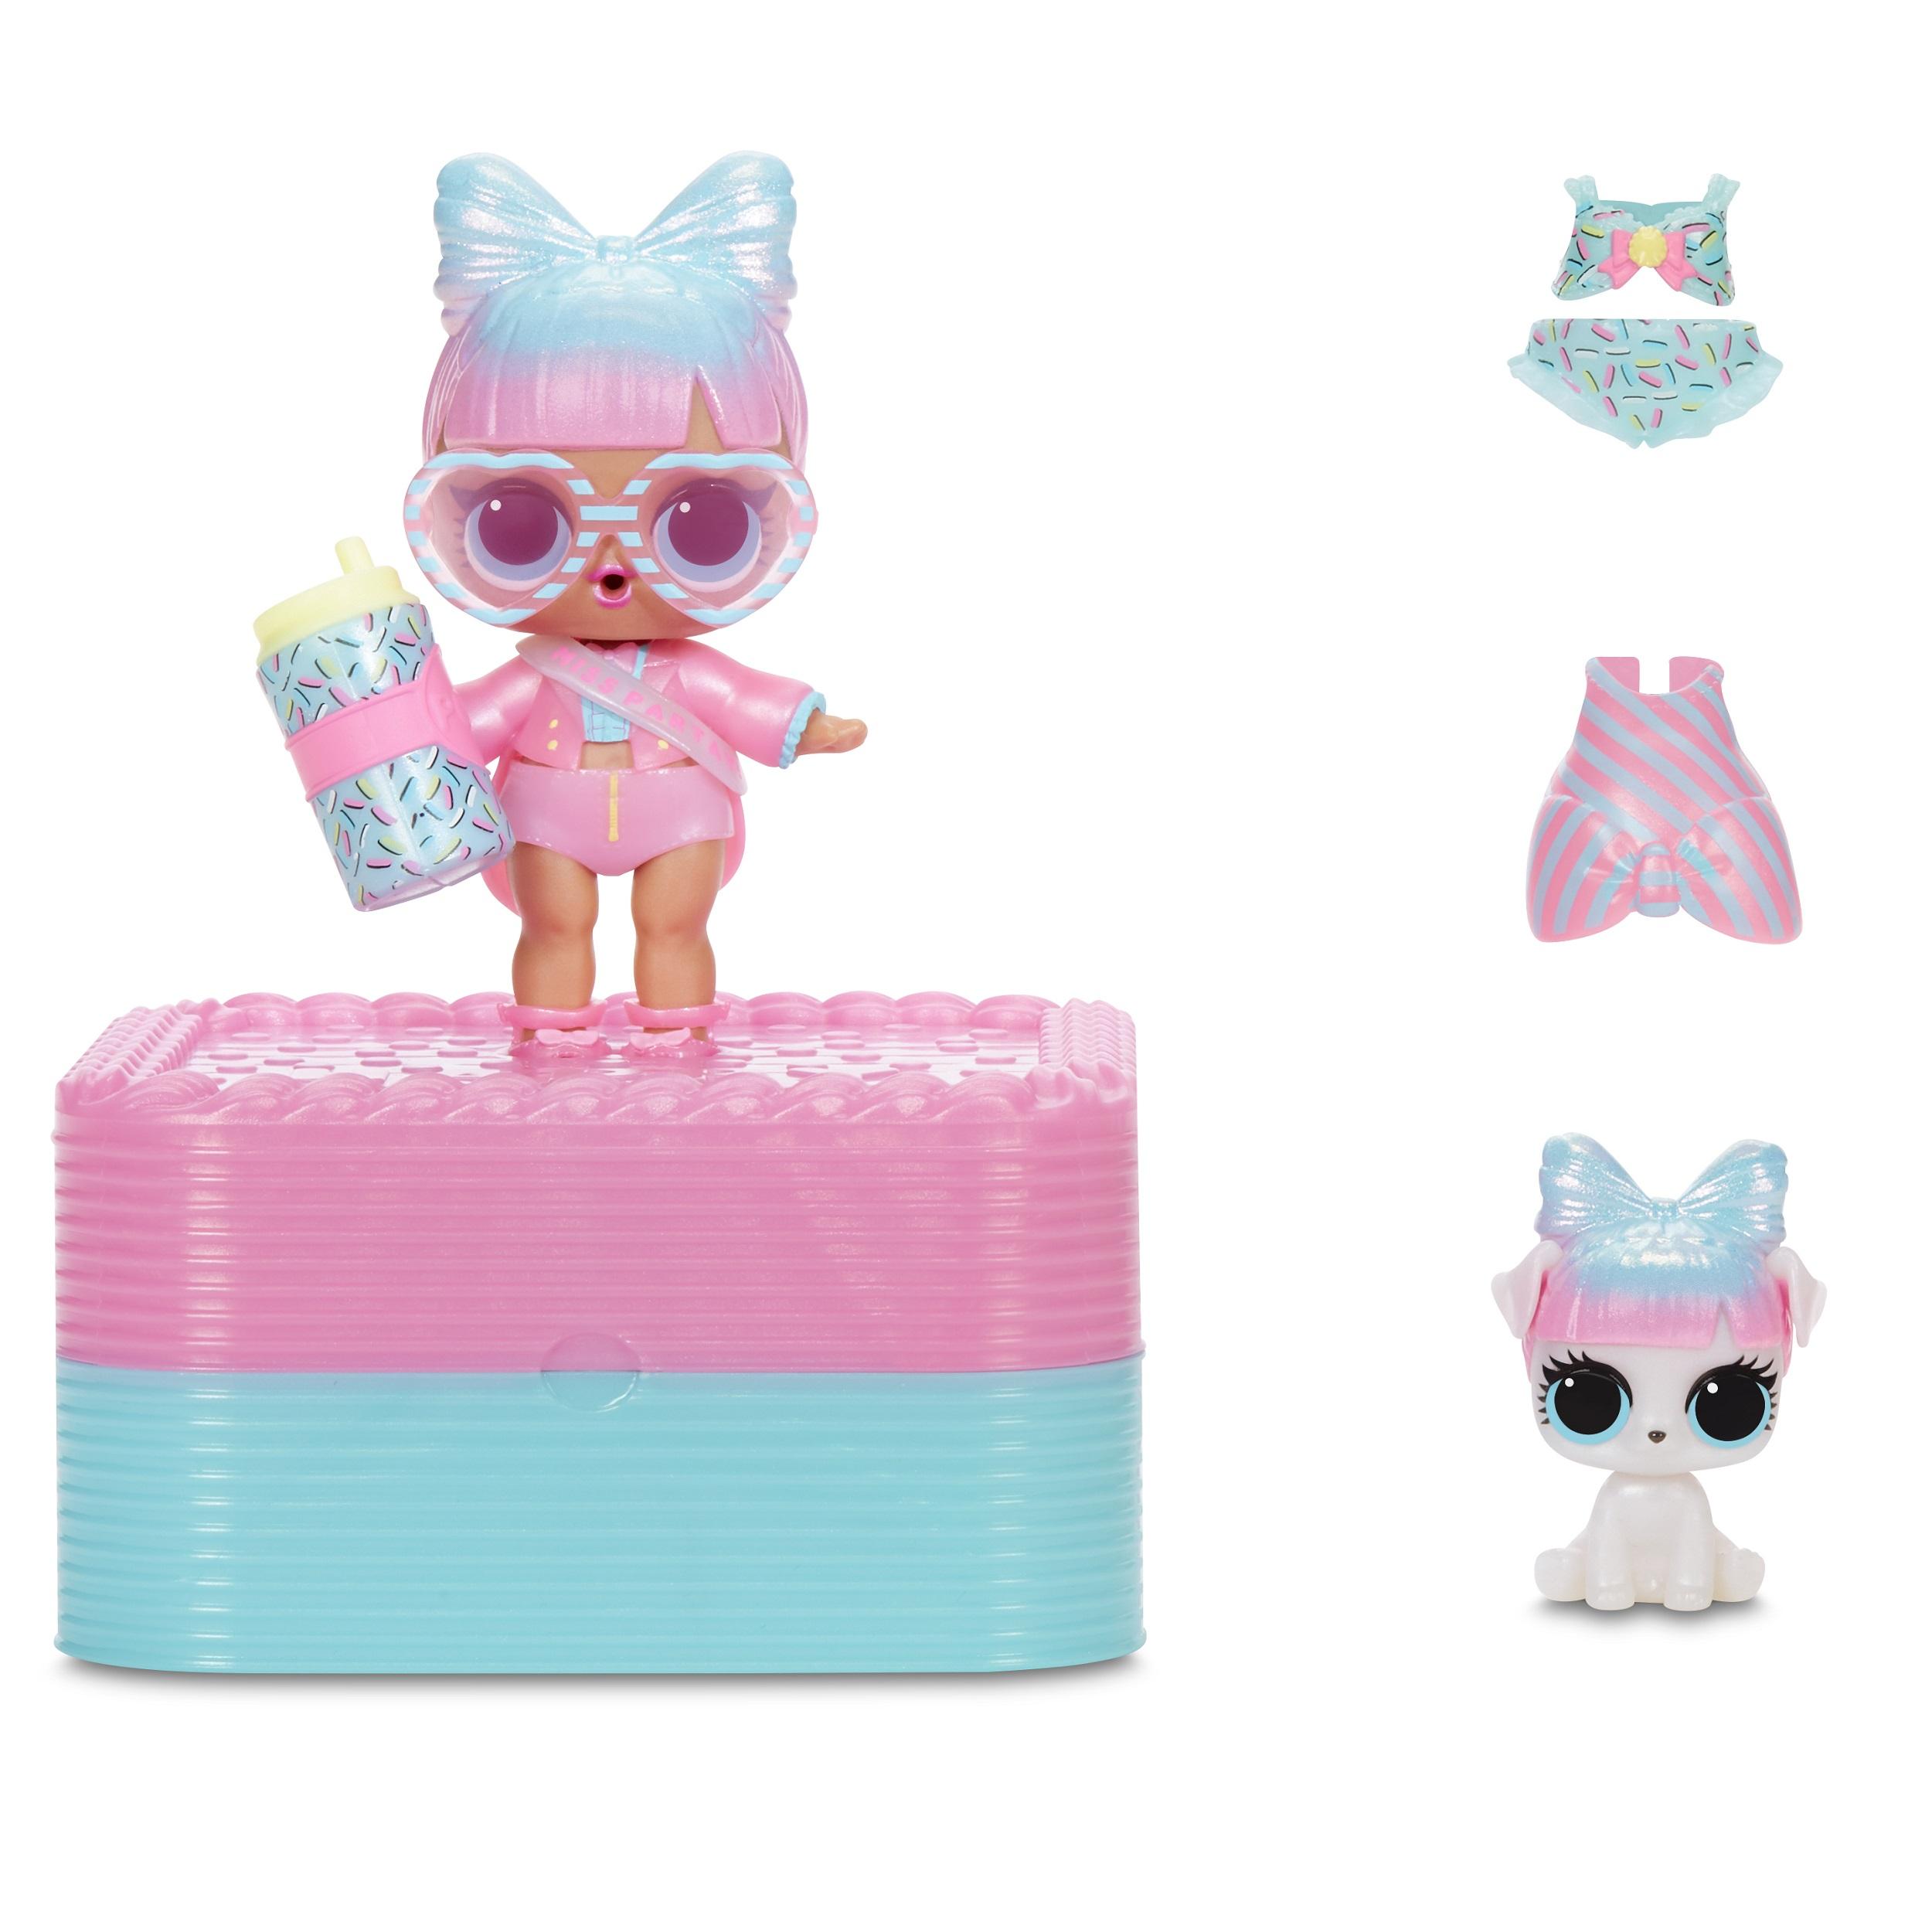 L O L Surprise Deluxe Present Surprise Exclusive Doll Pet